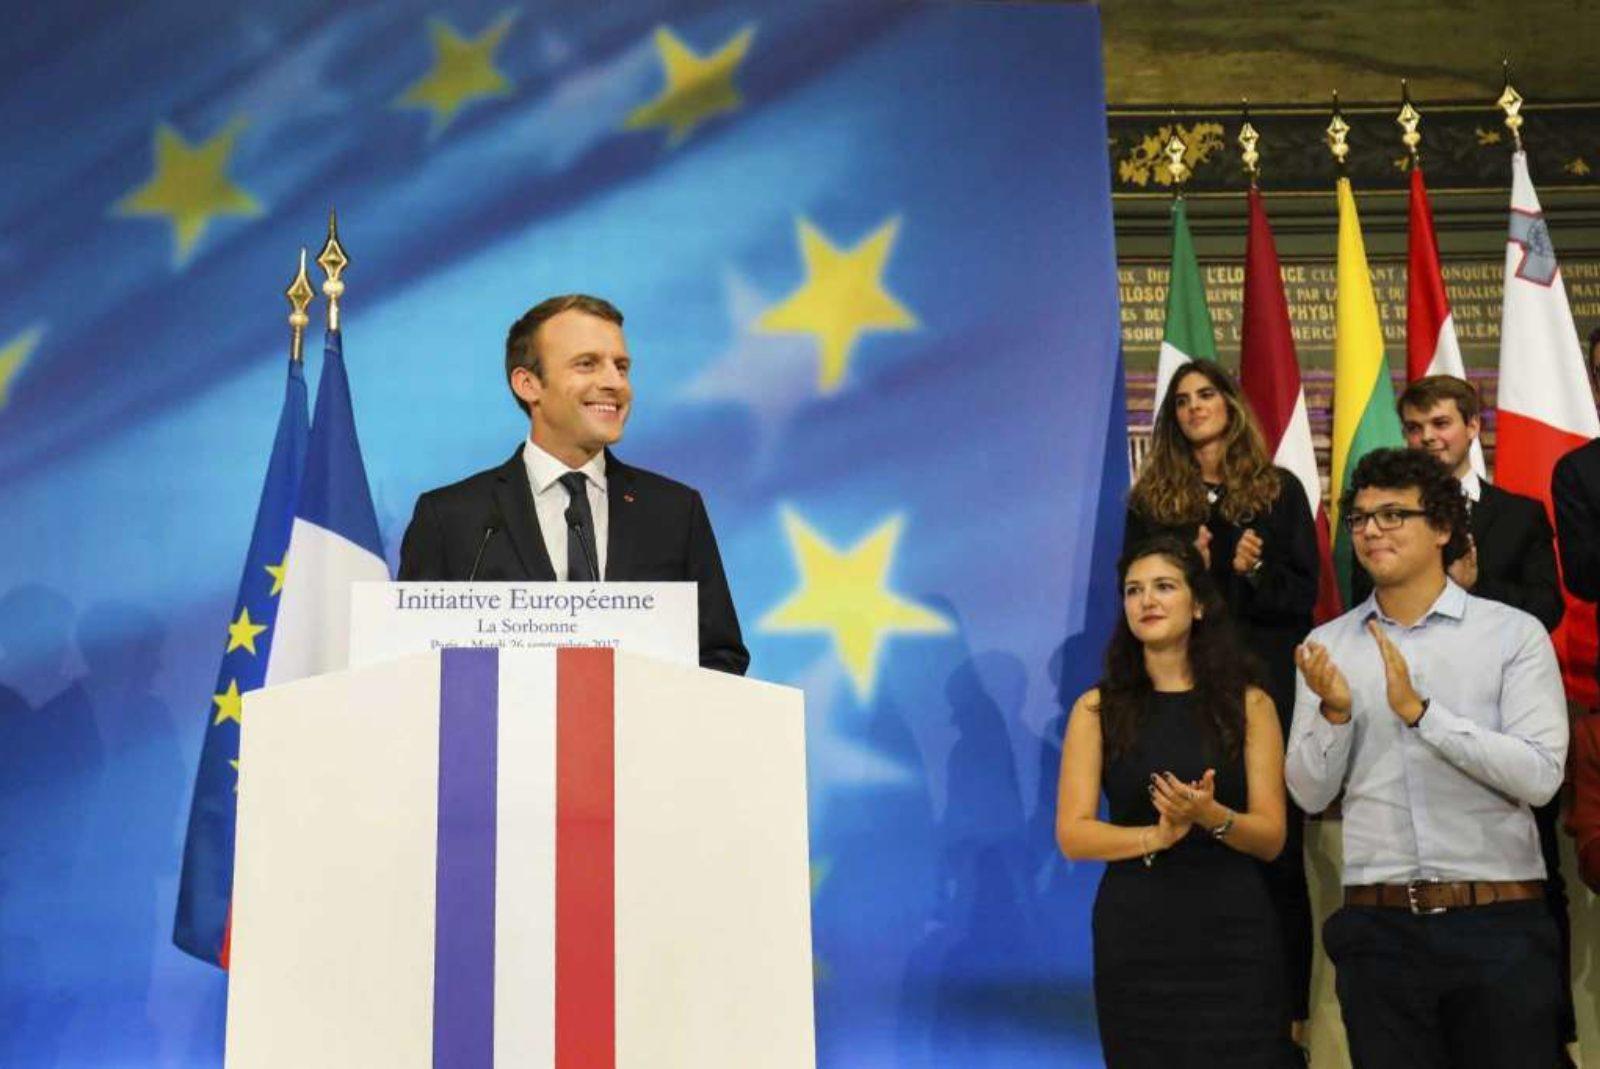 L'Europa di Macron